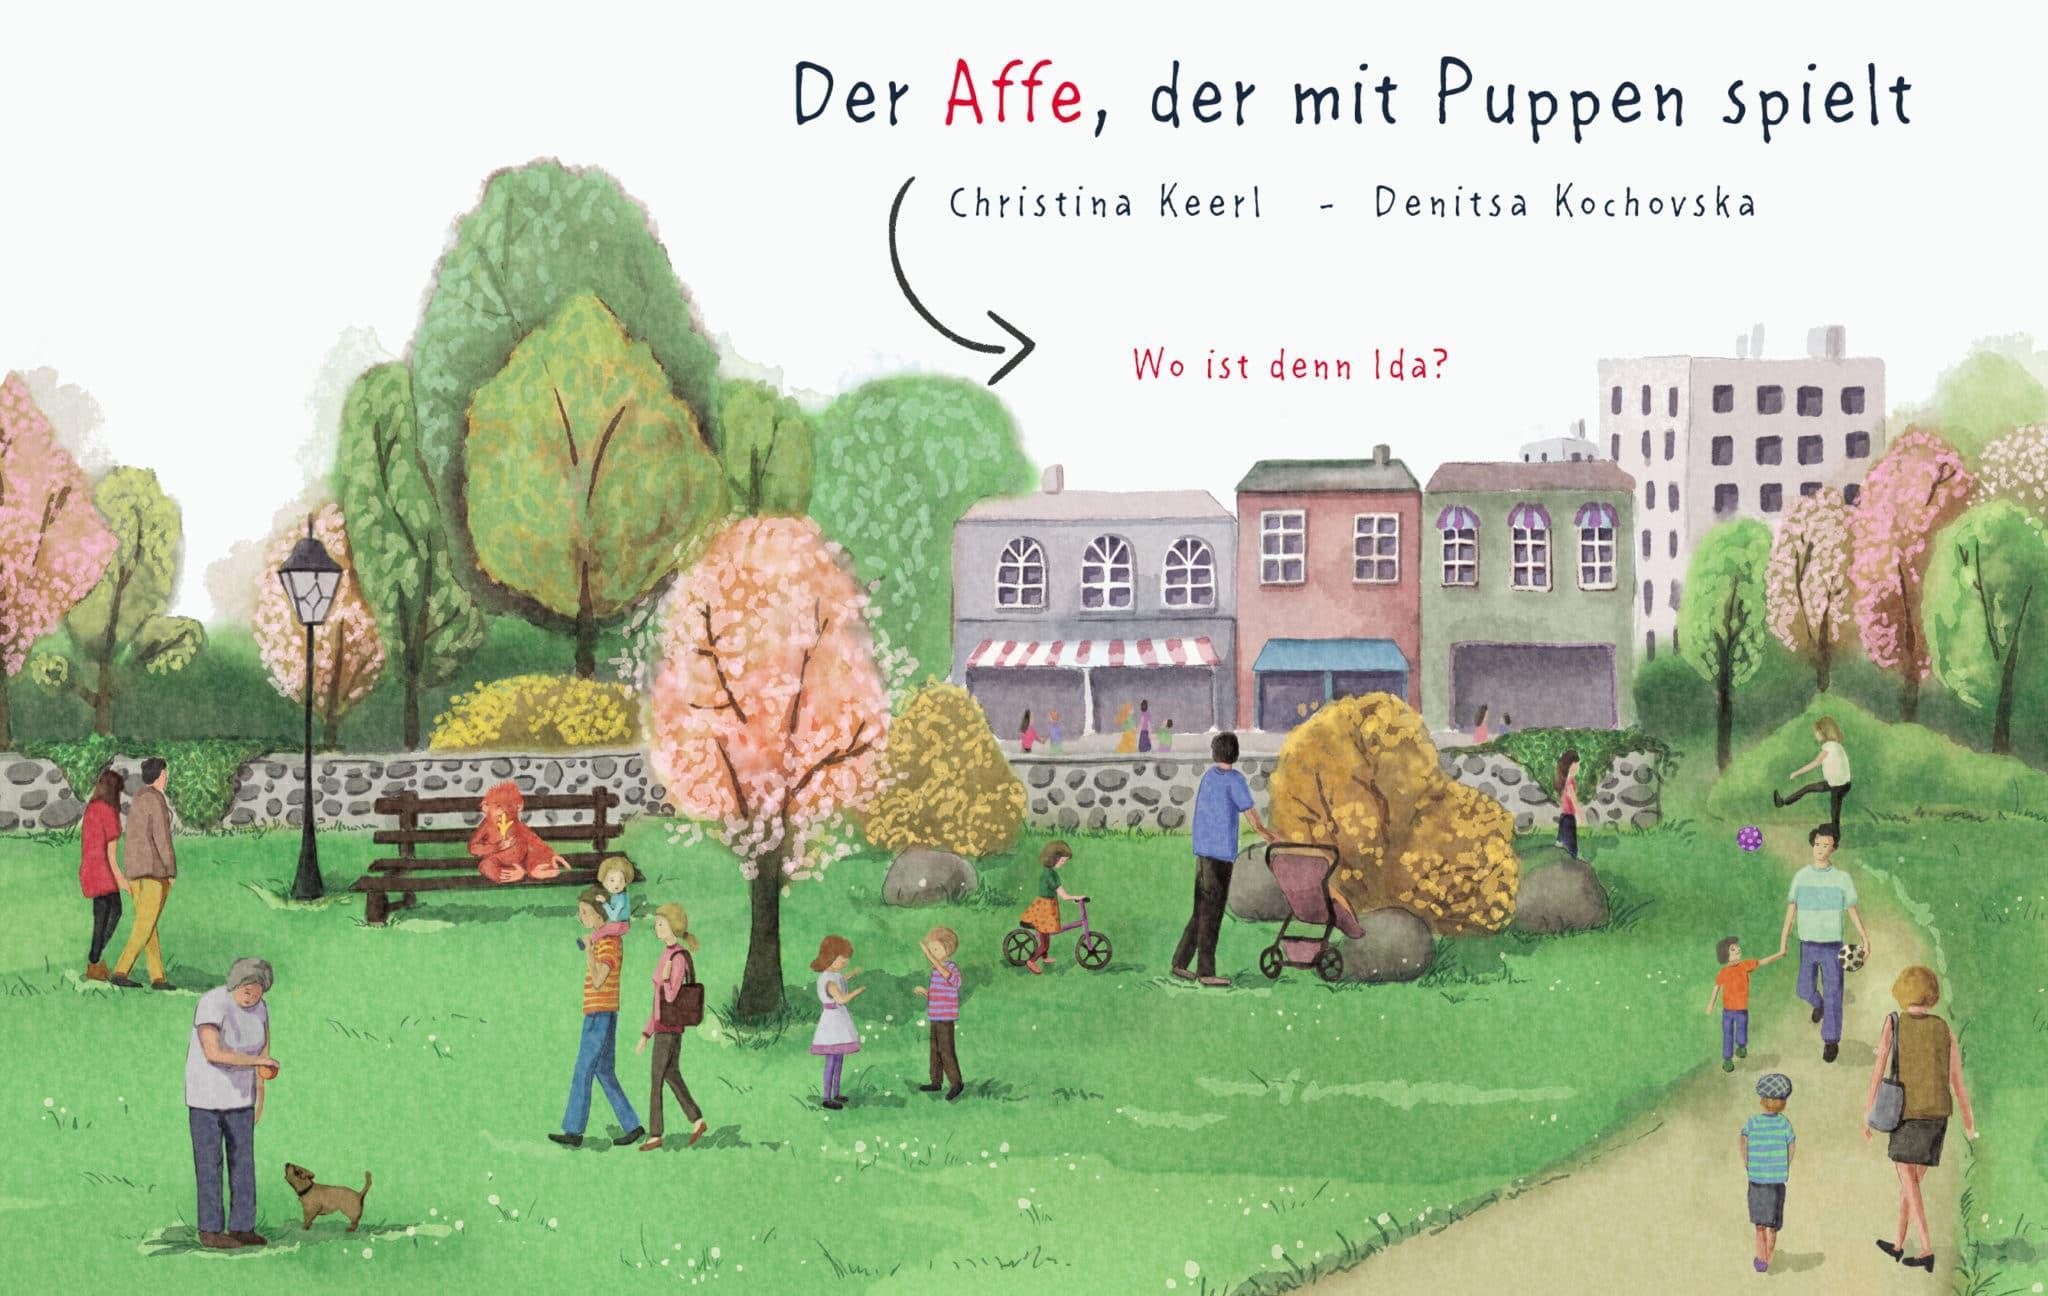 Peckelston Kinderbuchverlag Der Affe, der mit Puppen spielt Chrtine Keerl Denitsa Kochovska